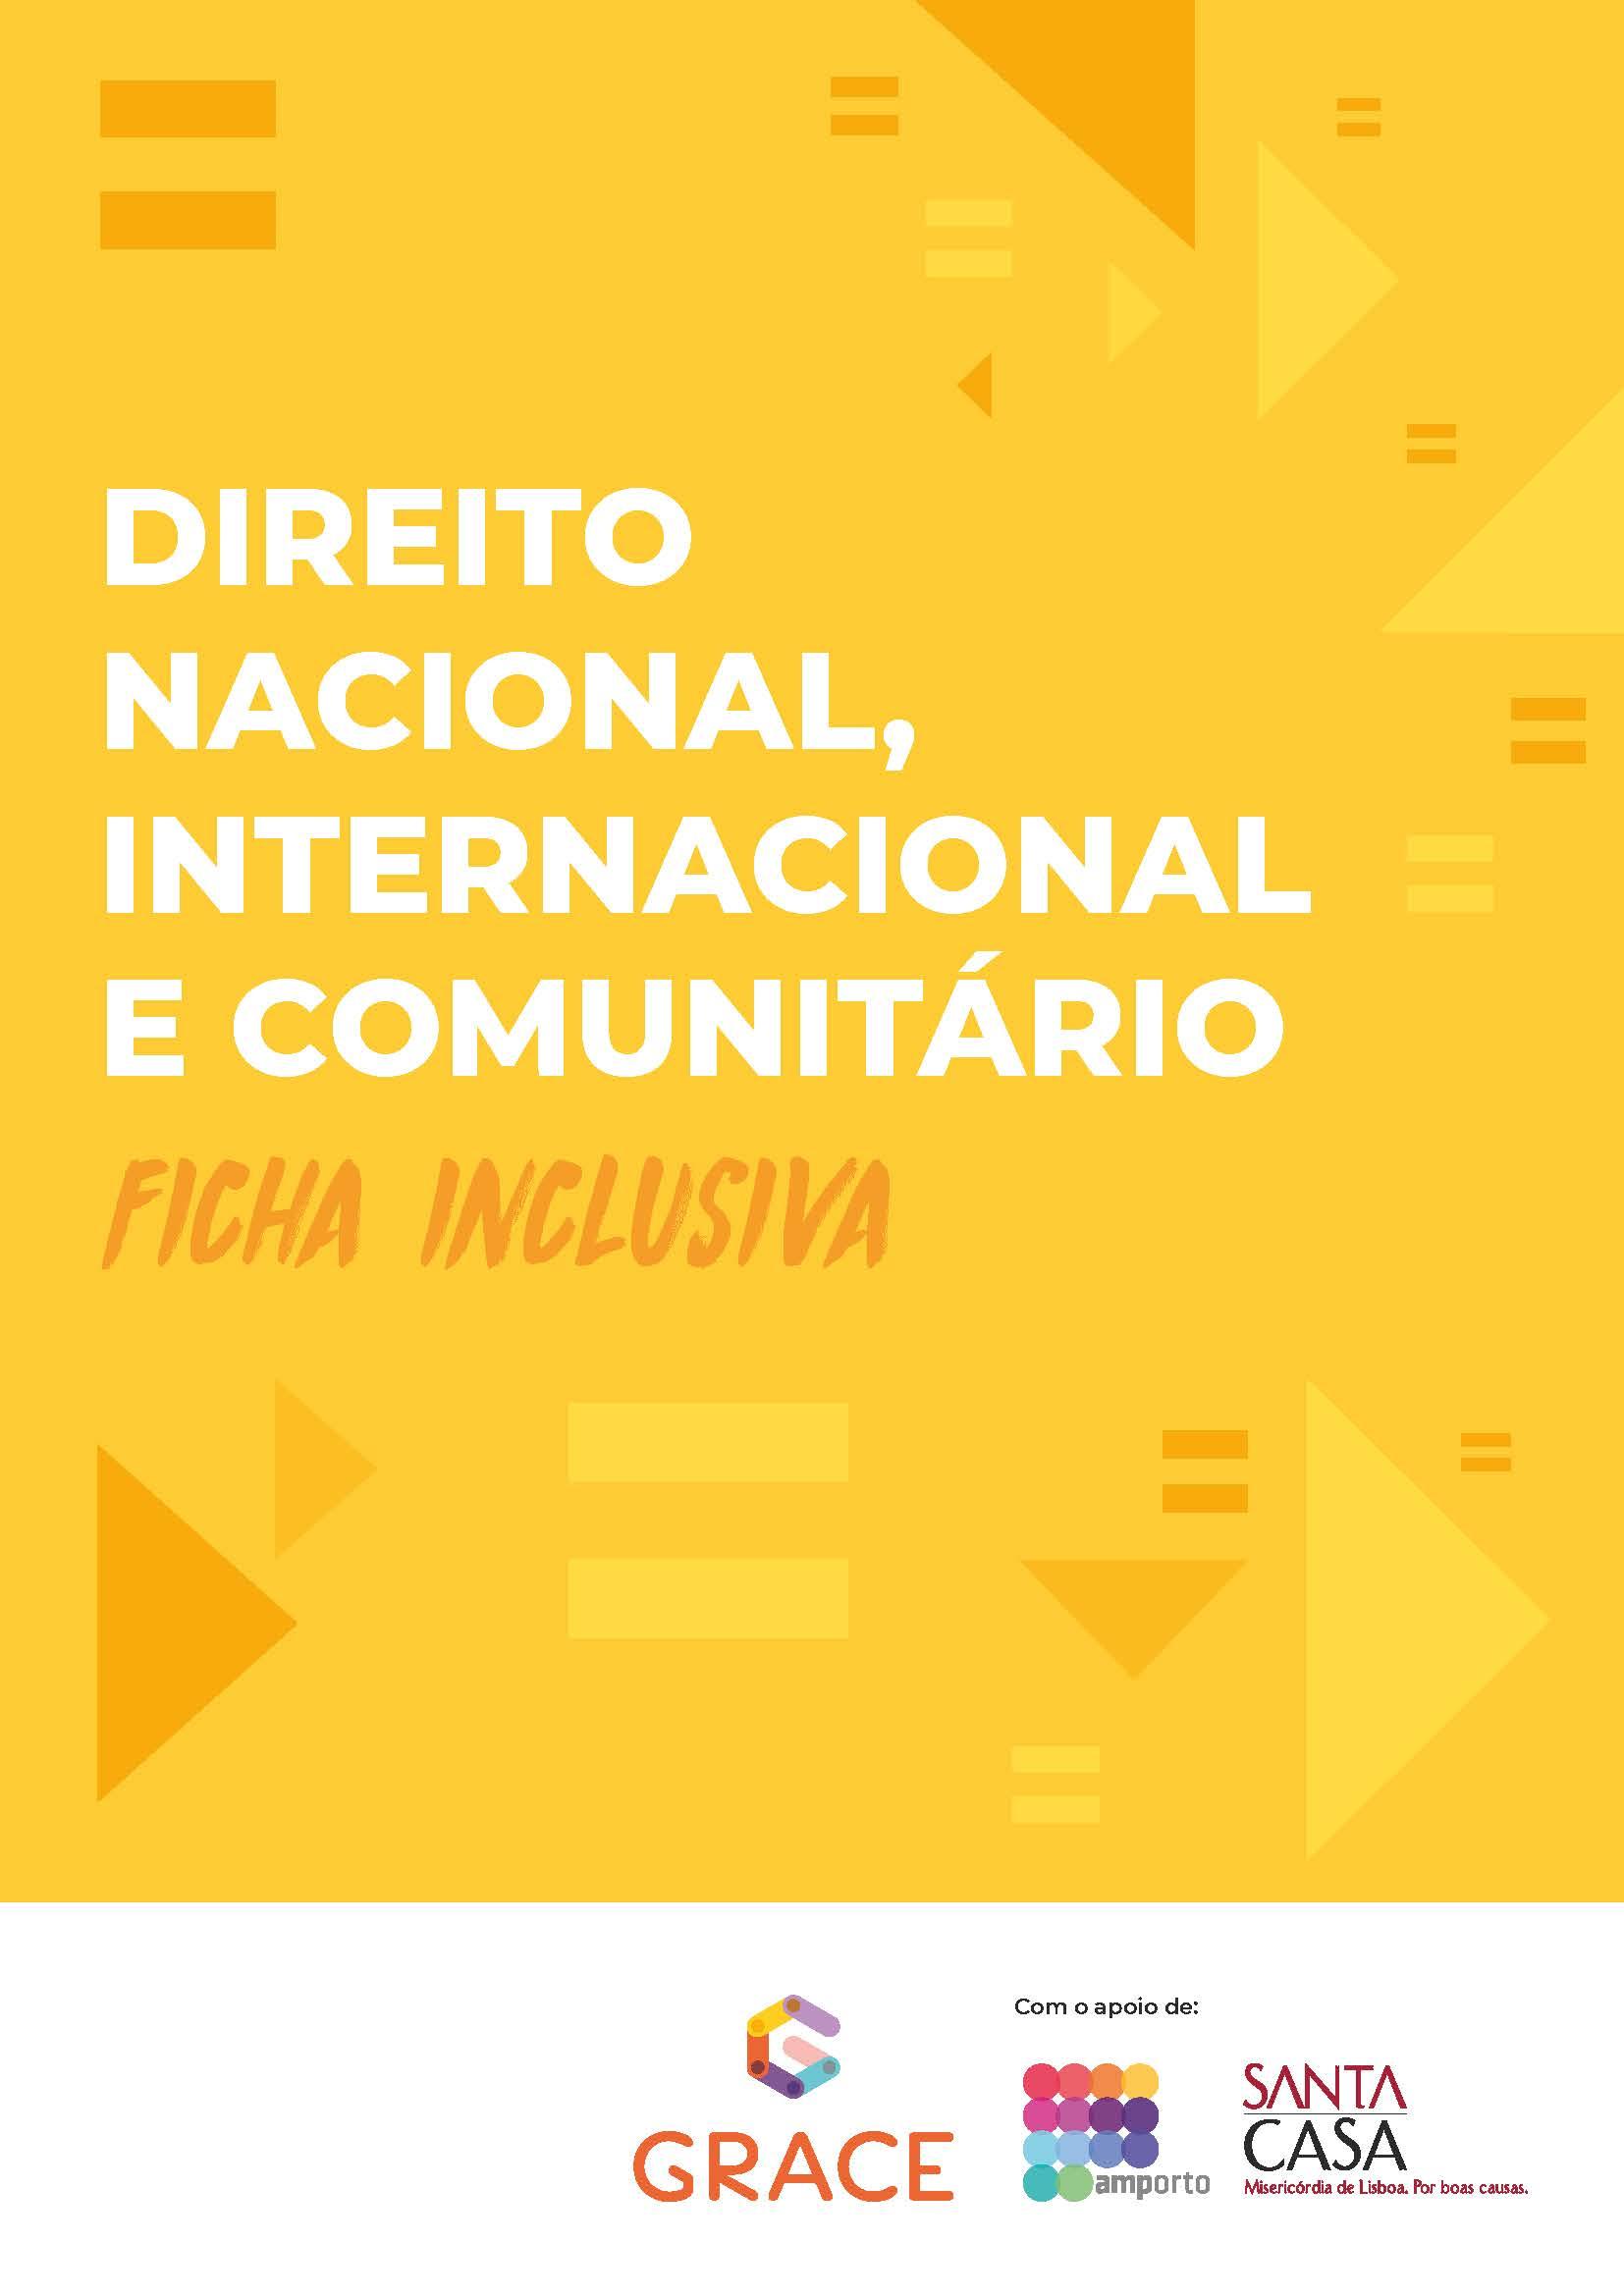 Ficha Inclusiva | Direito nacional, internacional e comunitário